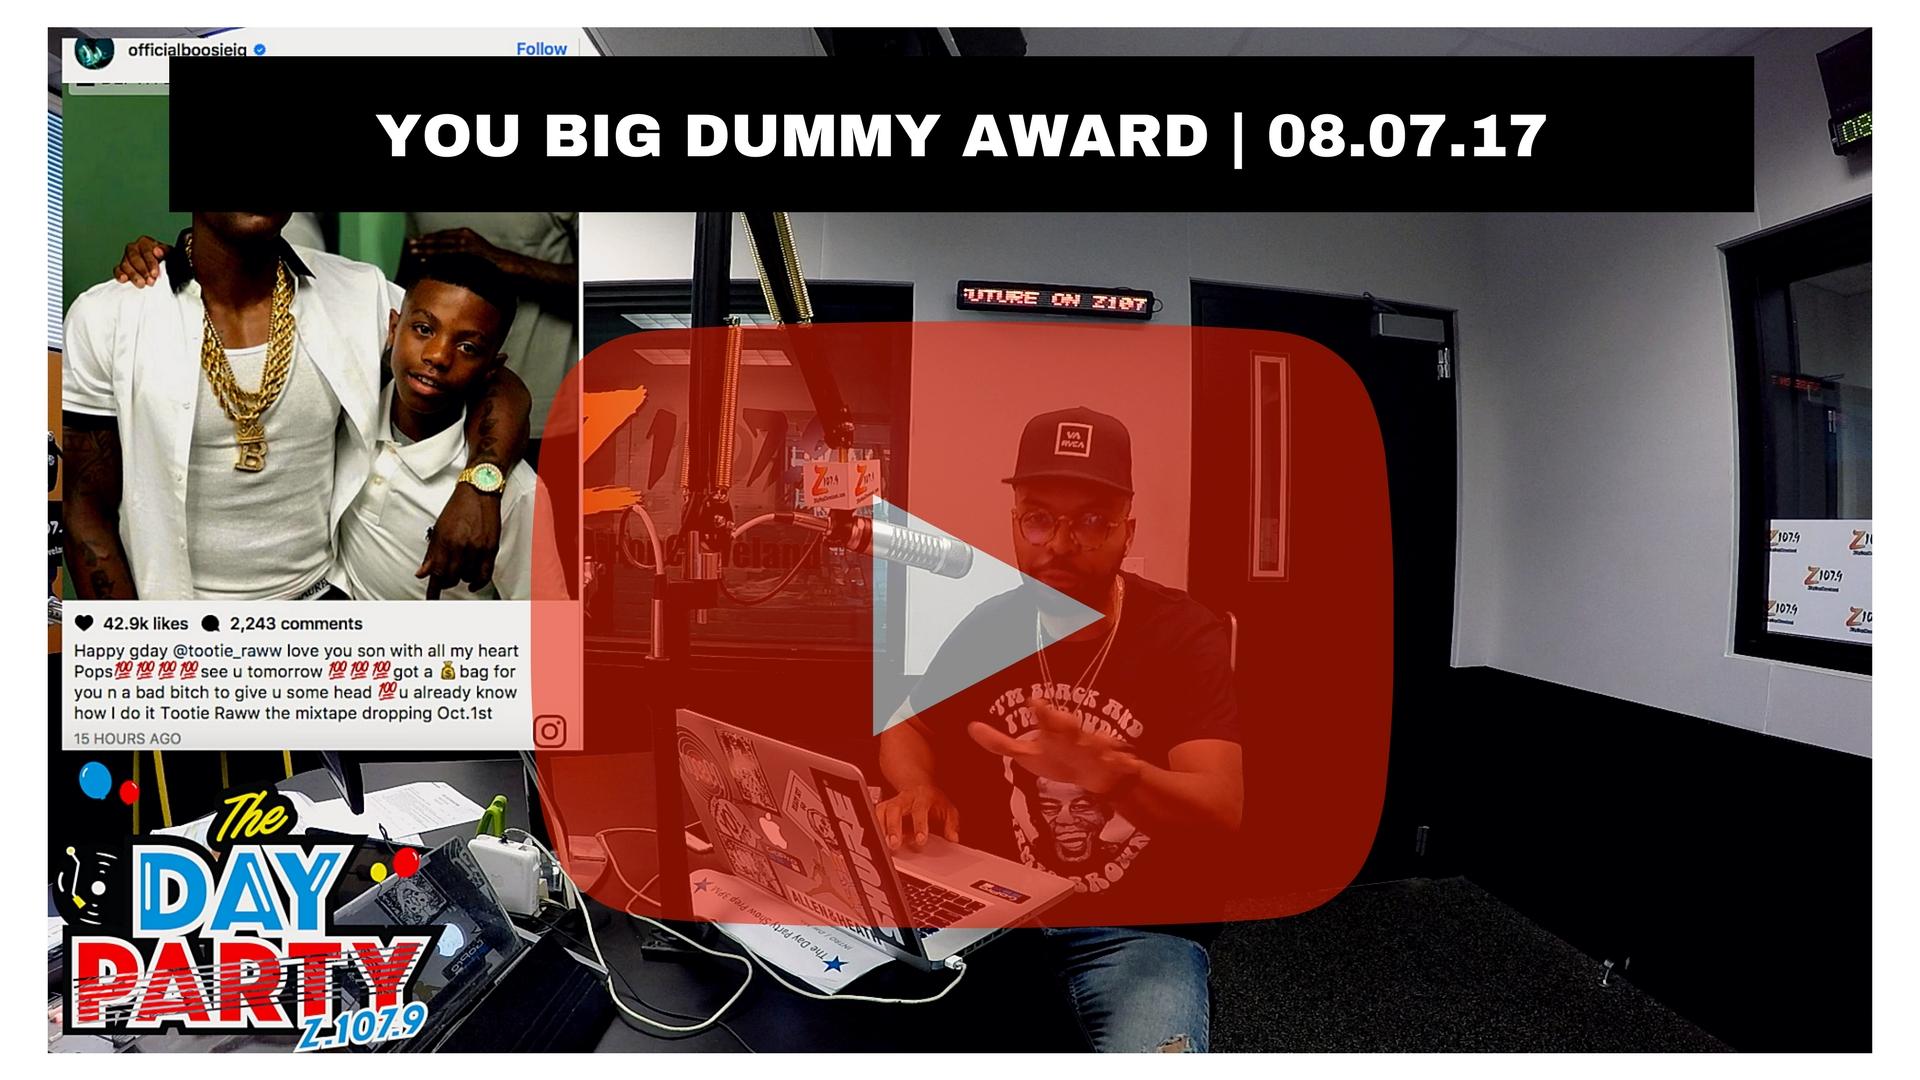 YOU BIG DUMMY AWARD _ 08.07.17CUSTOMTHUMB